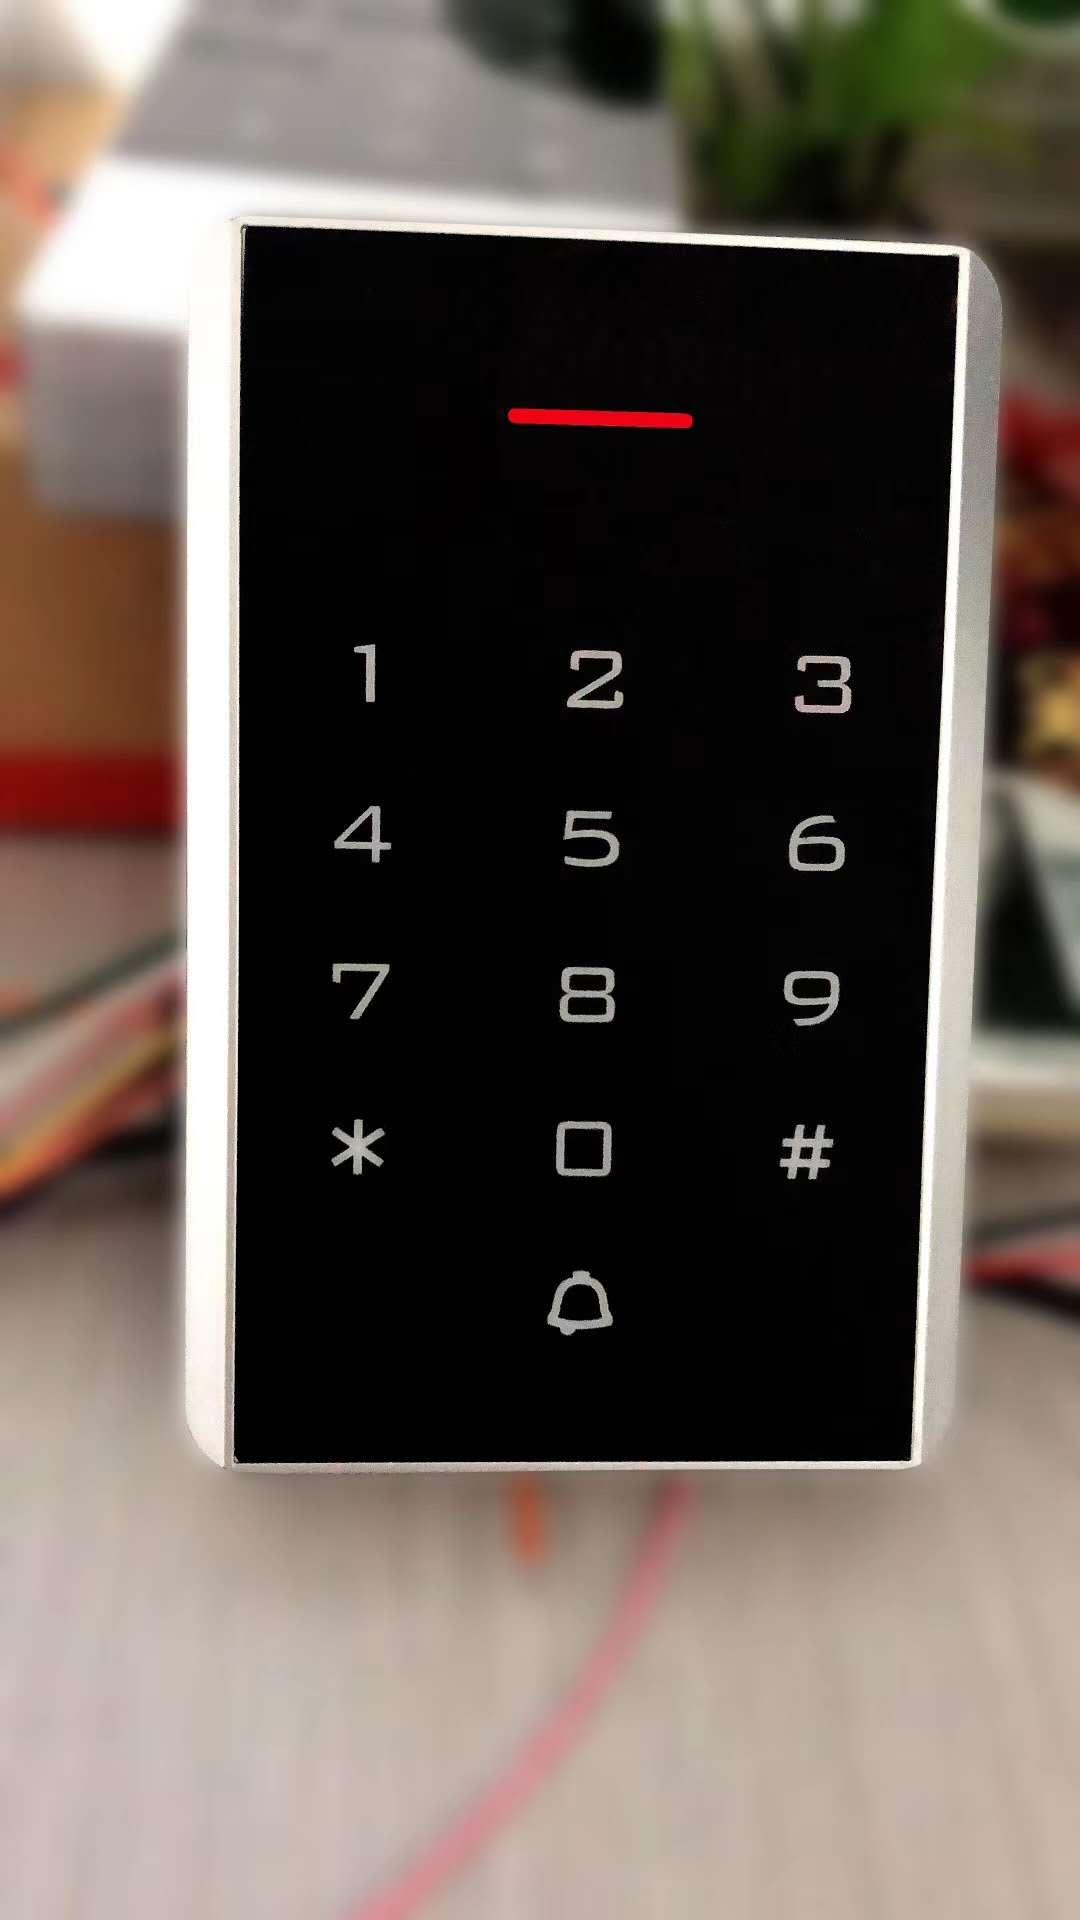 郑州安可通门禁机AKT-K1201EM/MF 管理卡门禁刷卡 密码,支持数据拷贝,可做读卡器 可做一体机